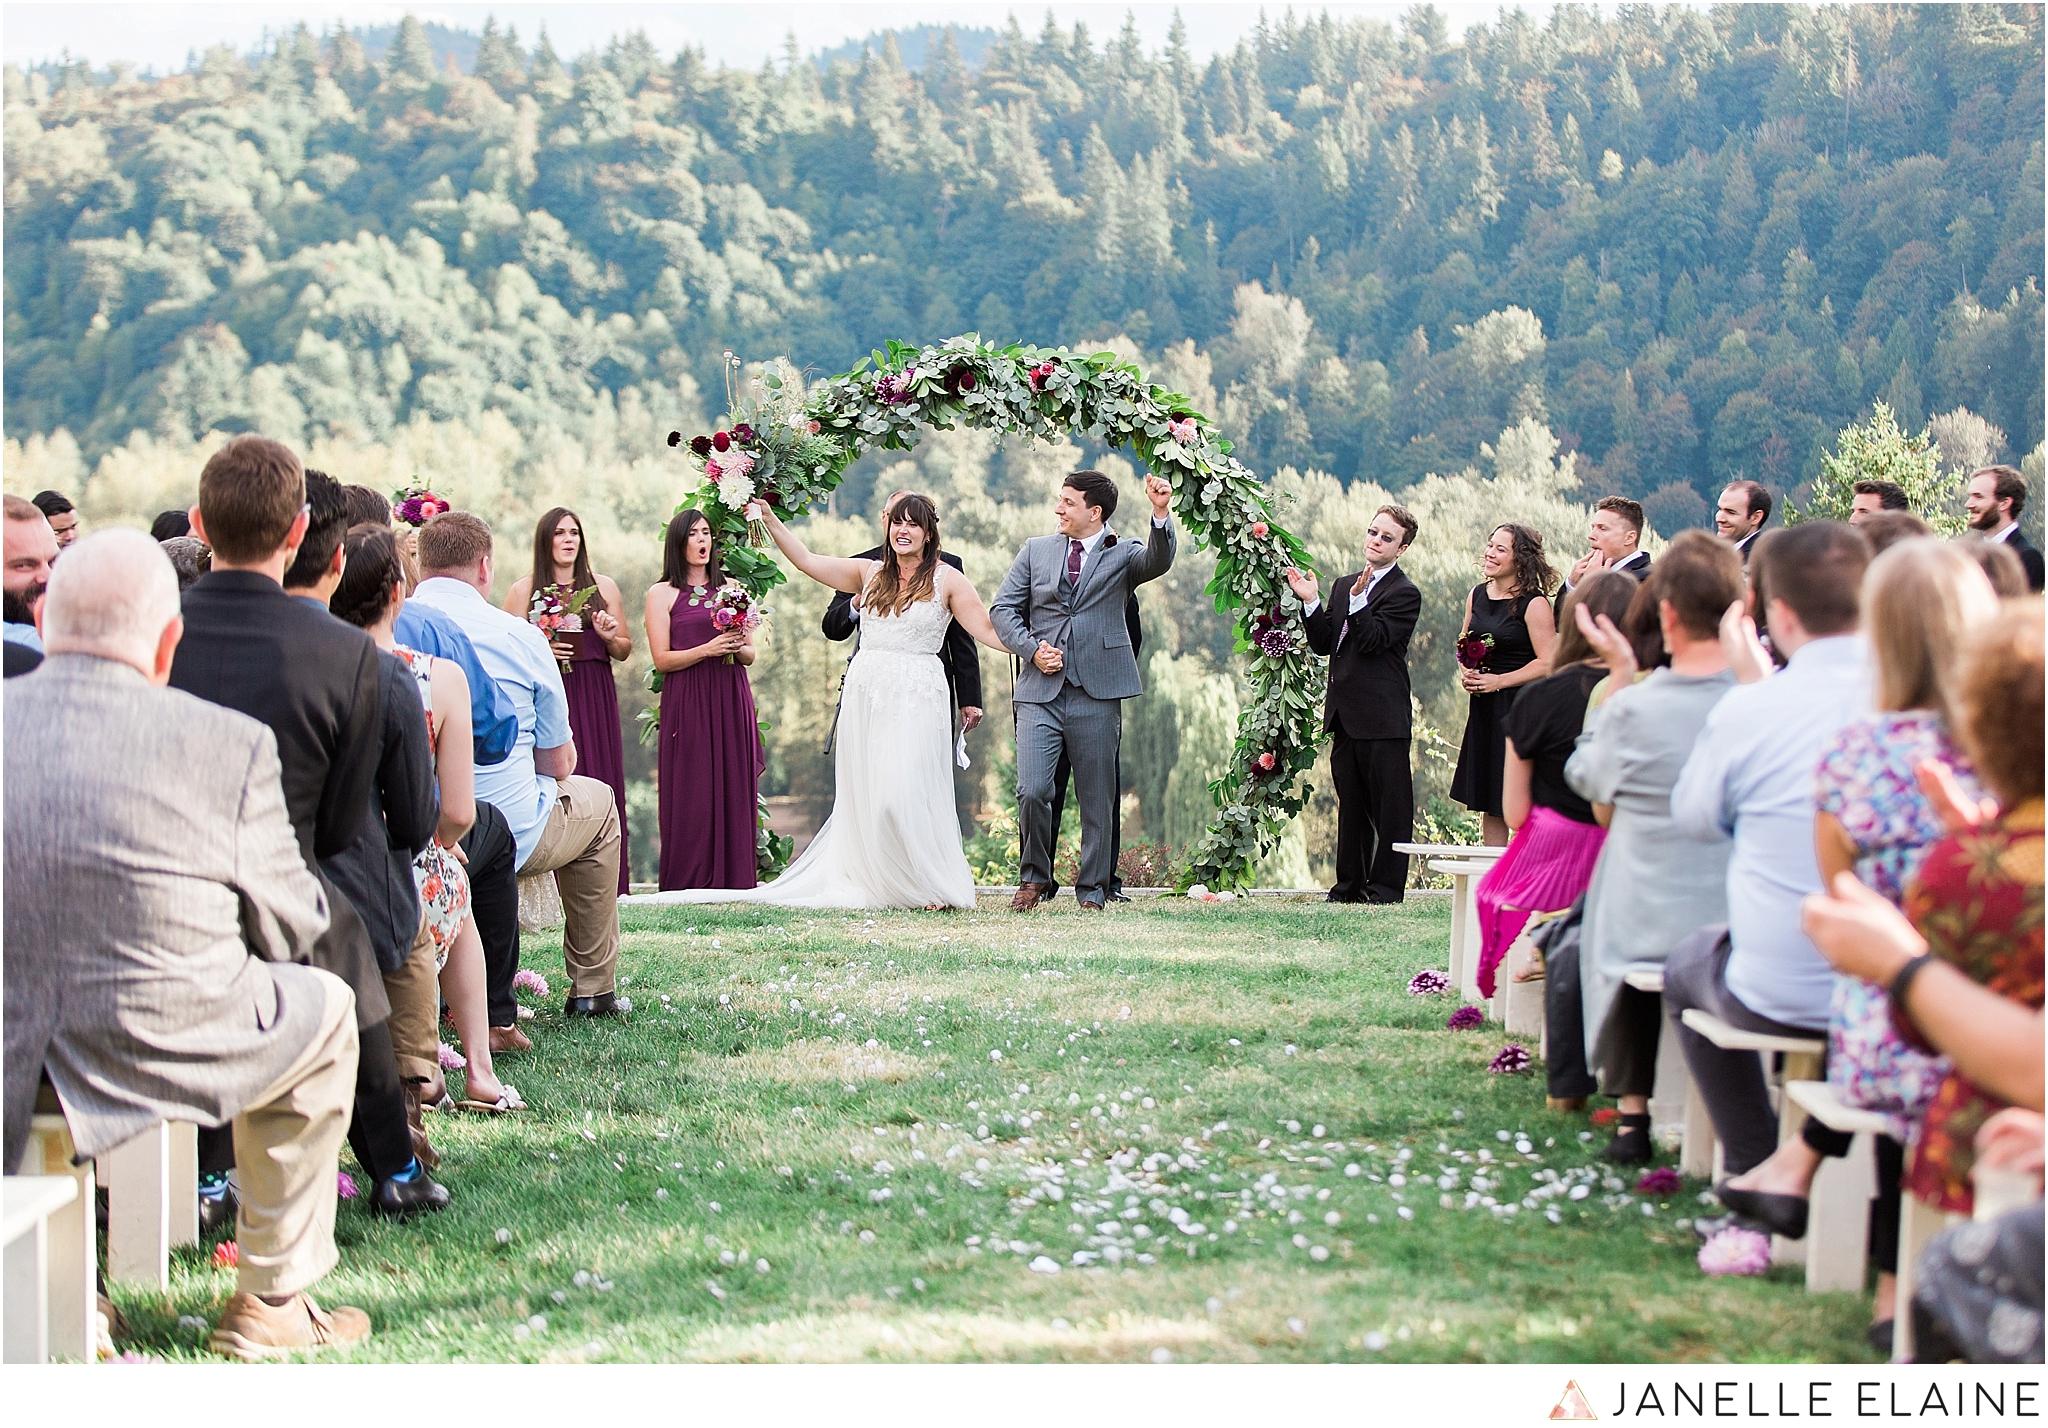 seattle-portrait-engagement-wedding-photographer-janelle-elaine-photography-66.jpg